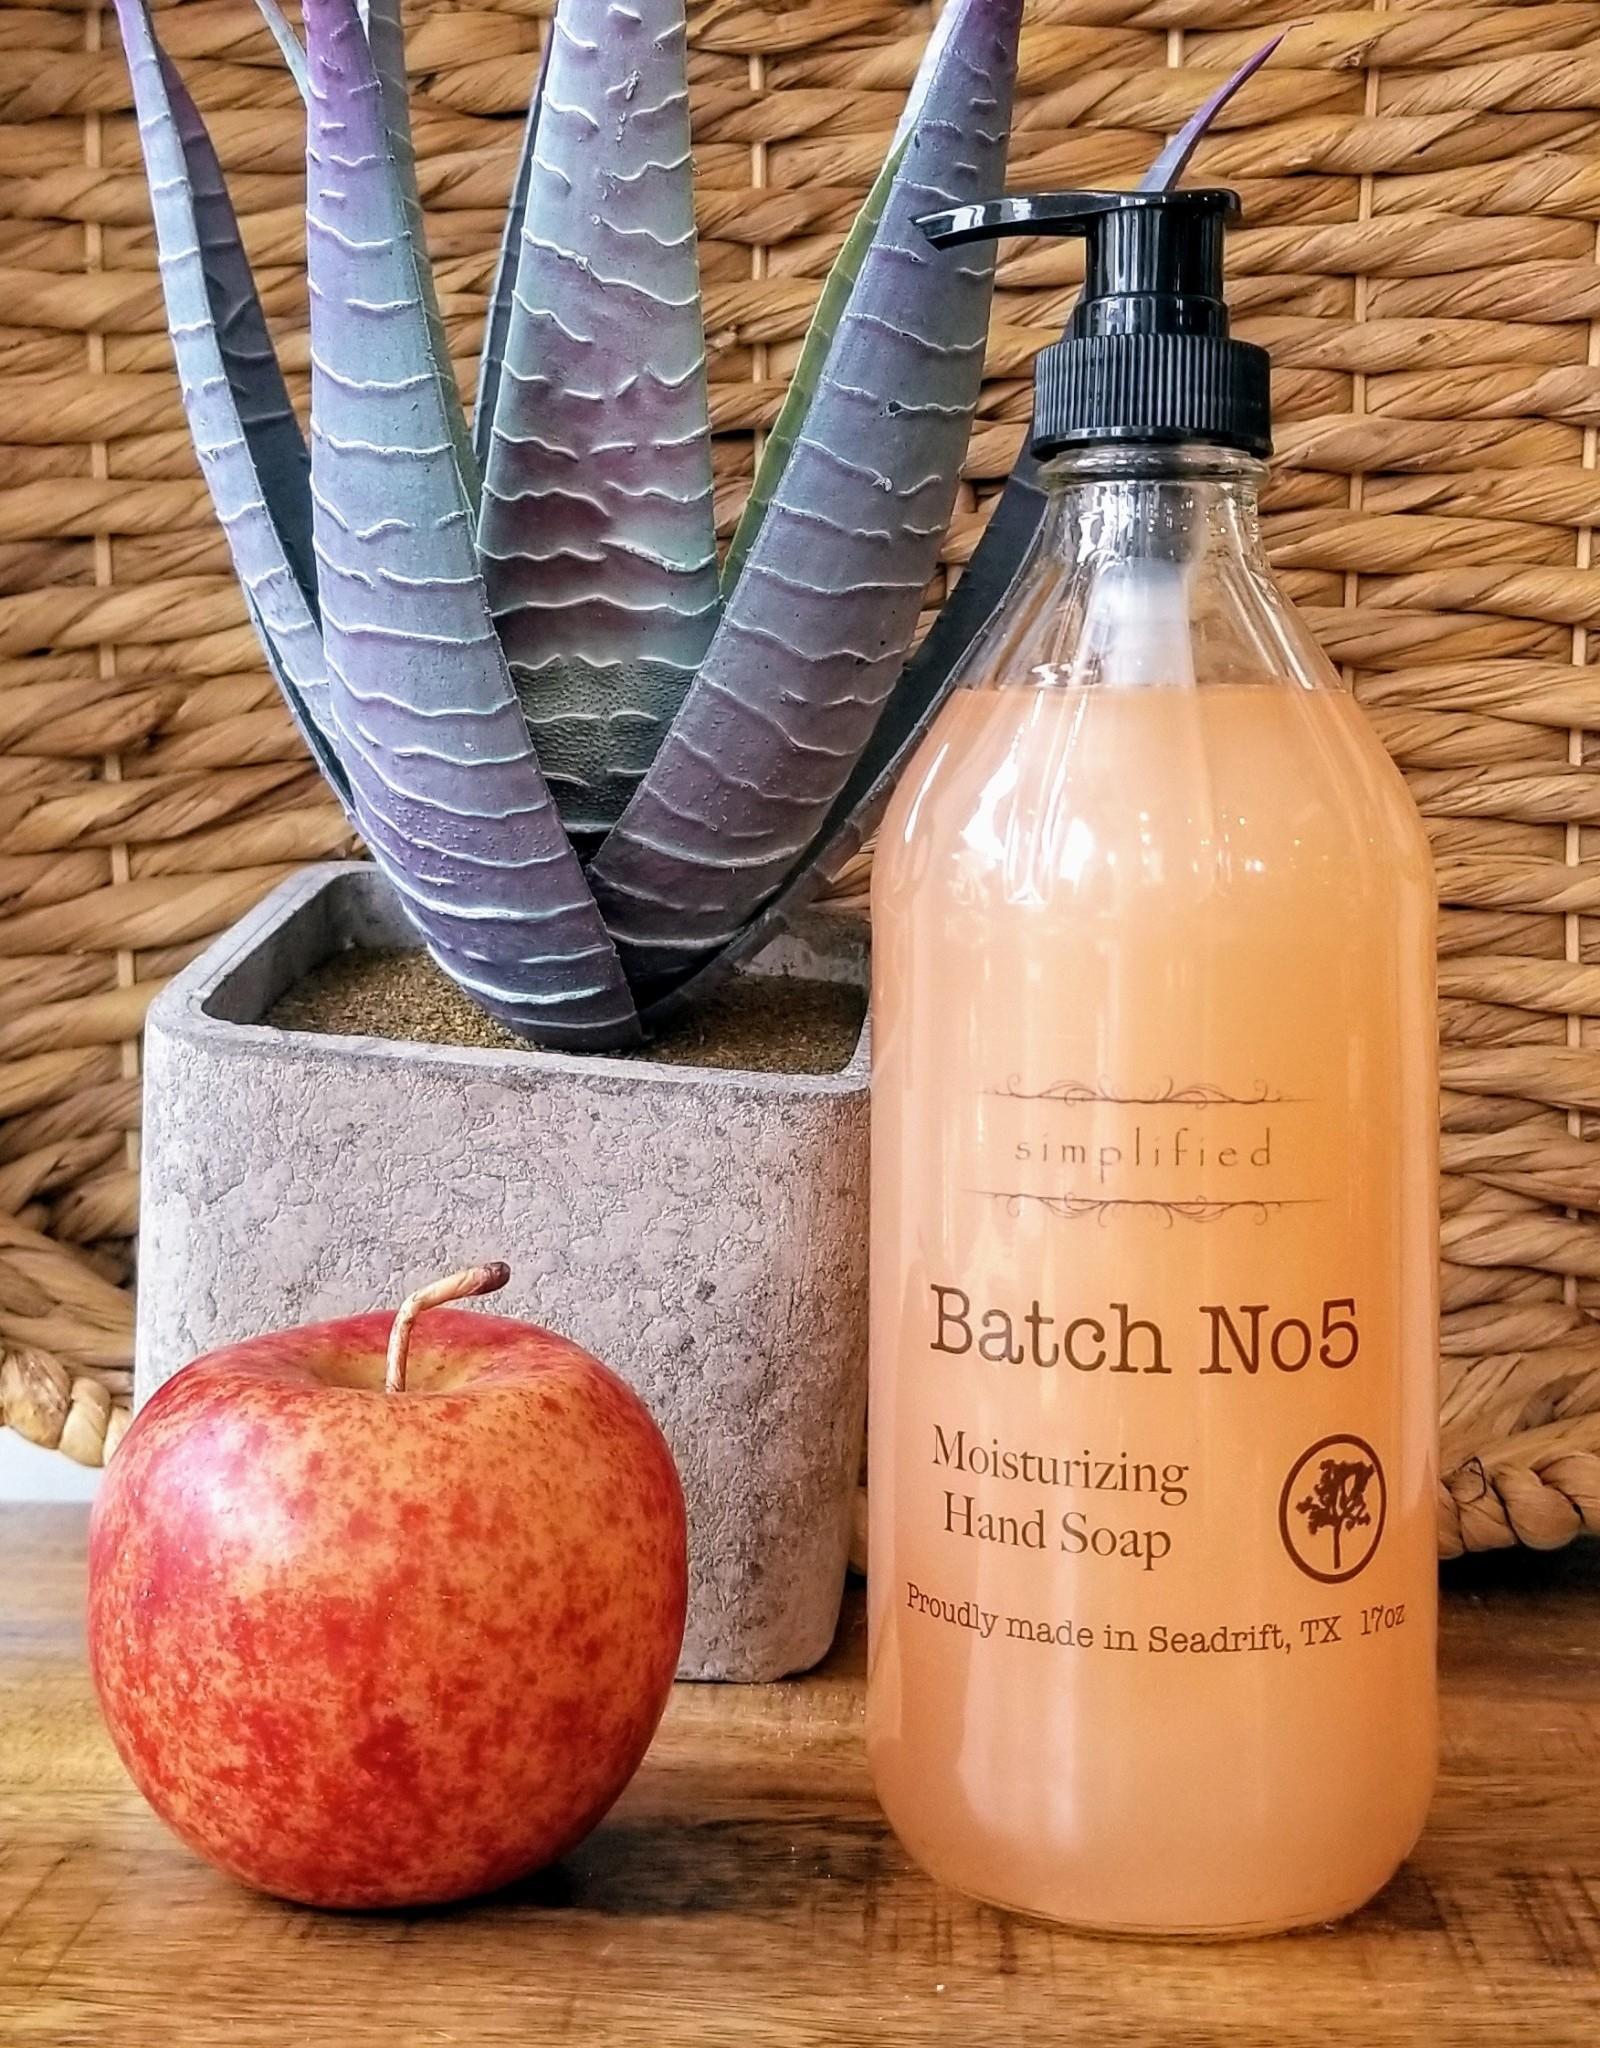 Hand Soap 16oz - Batch No5